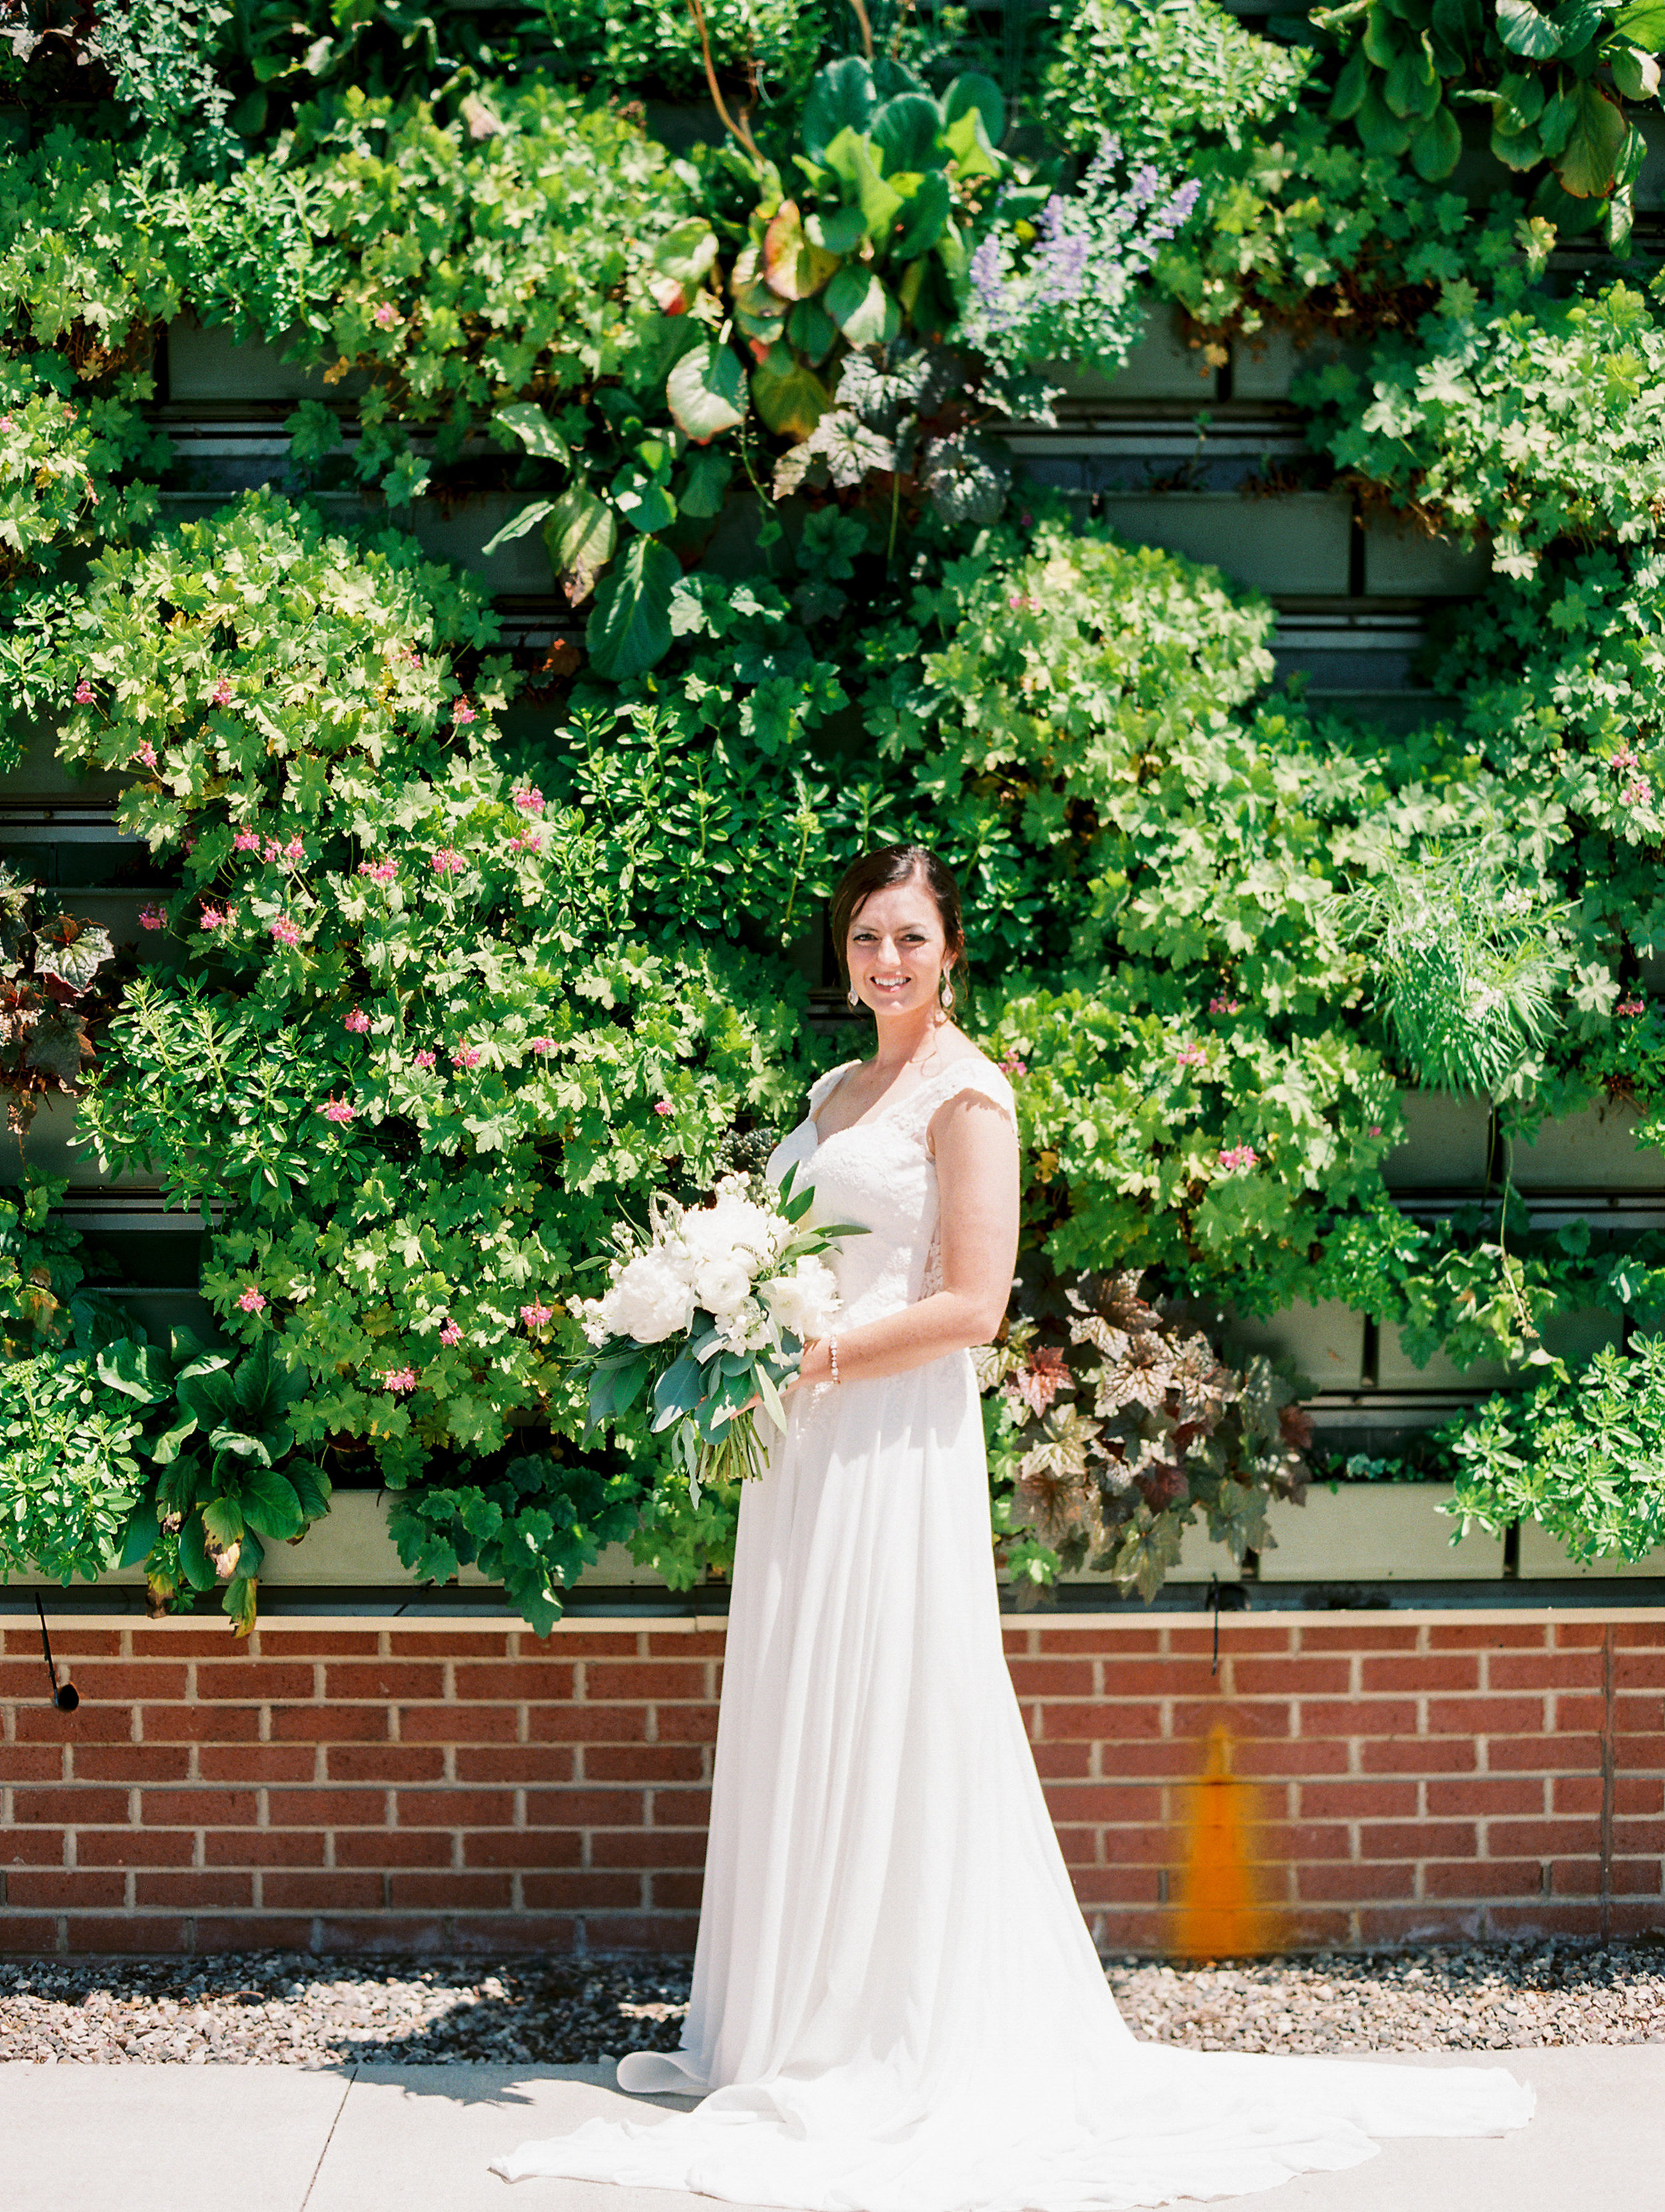 Julius+Wedding+BridalPartyf-33.jpg